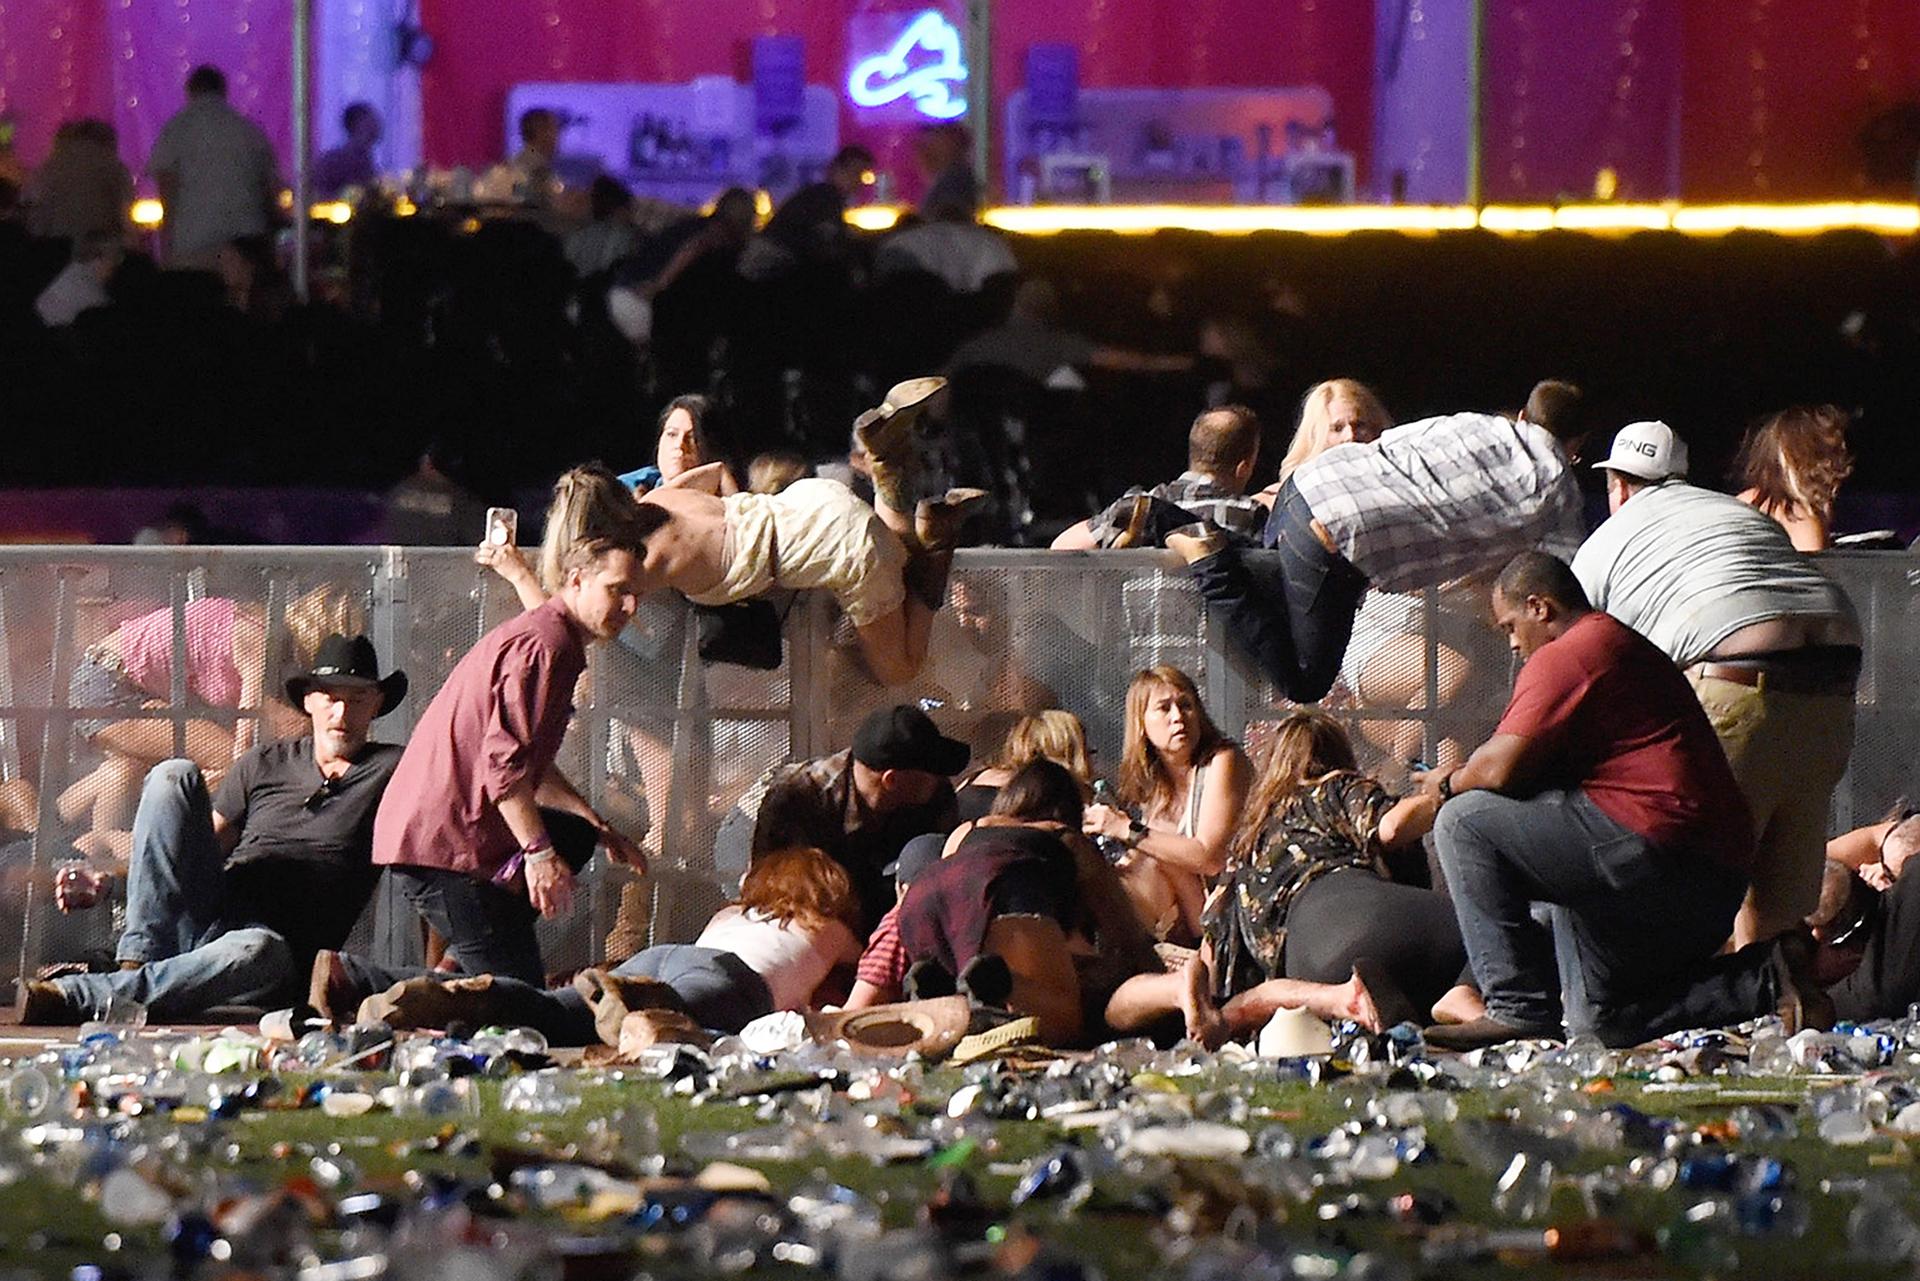 Los asistentes al festival de música country buscan refugio después de que se comenzaron a oir los disparos.